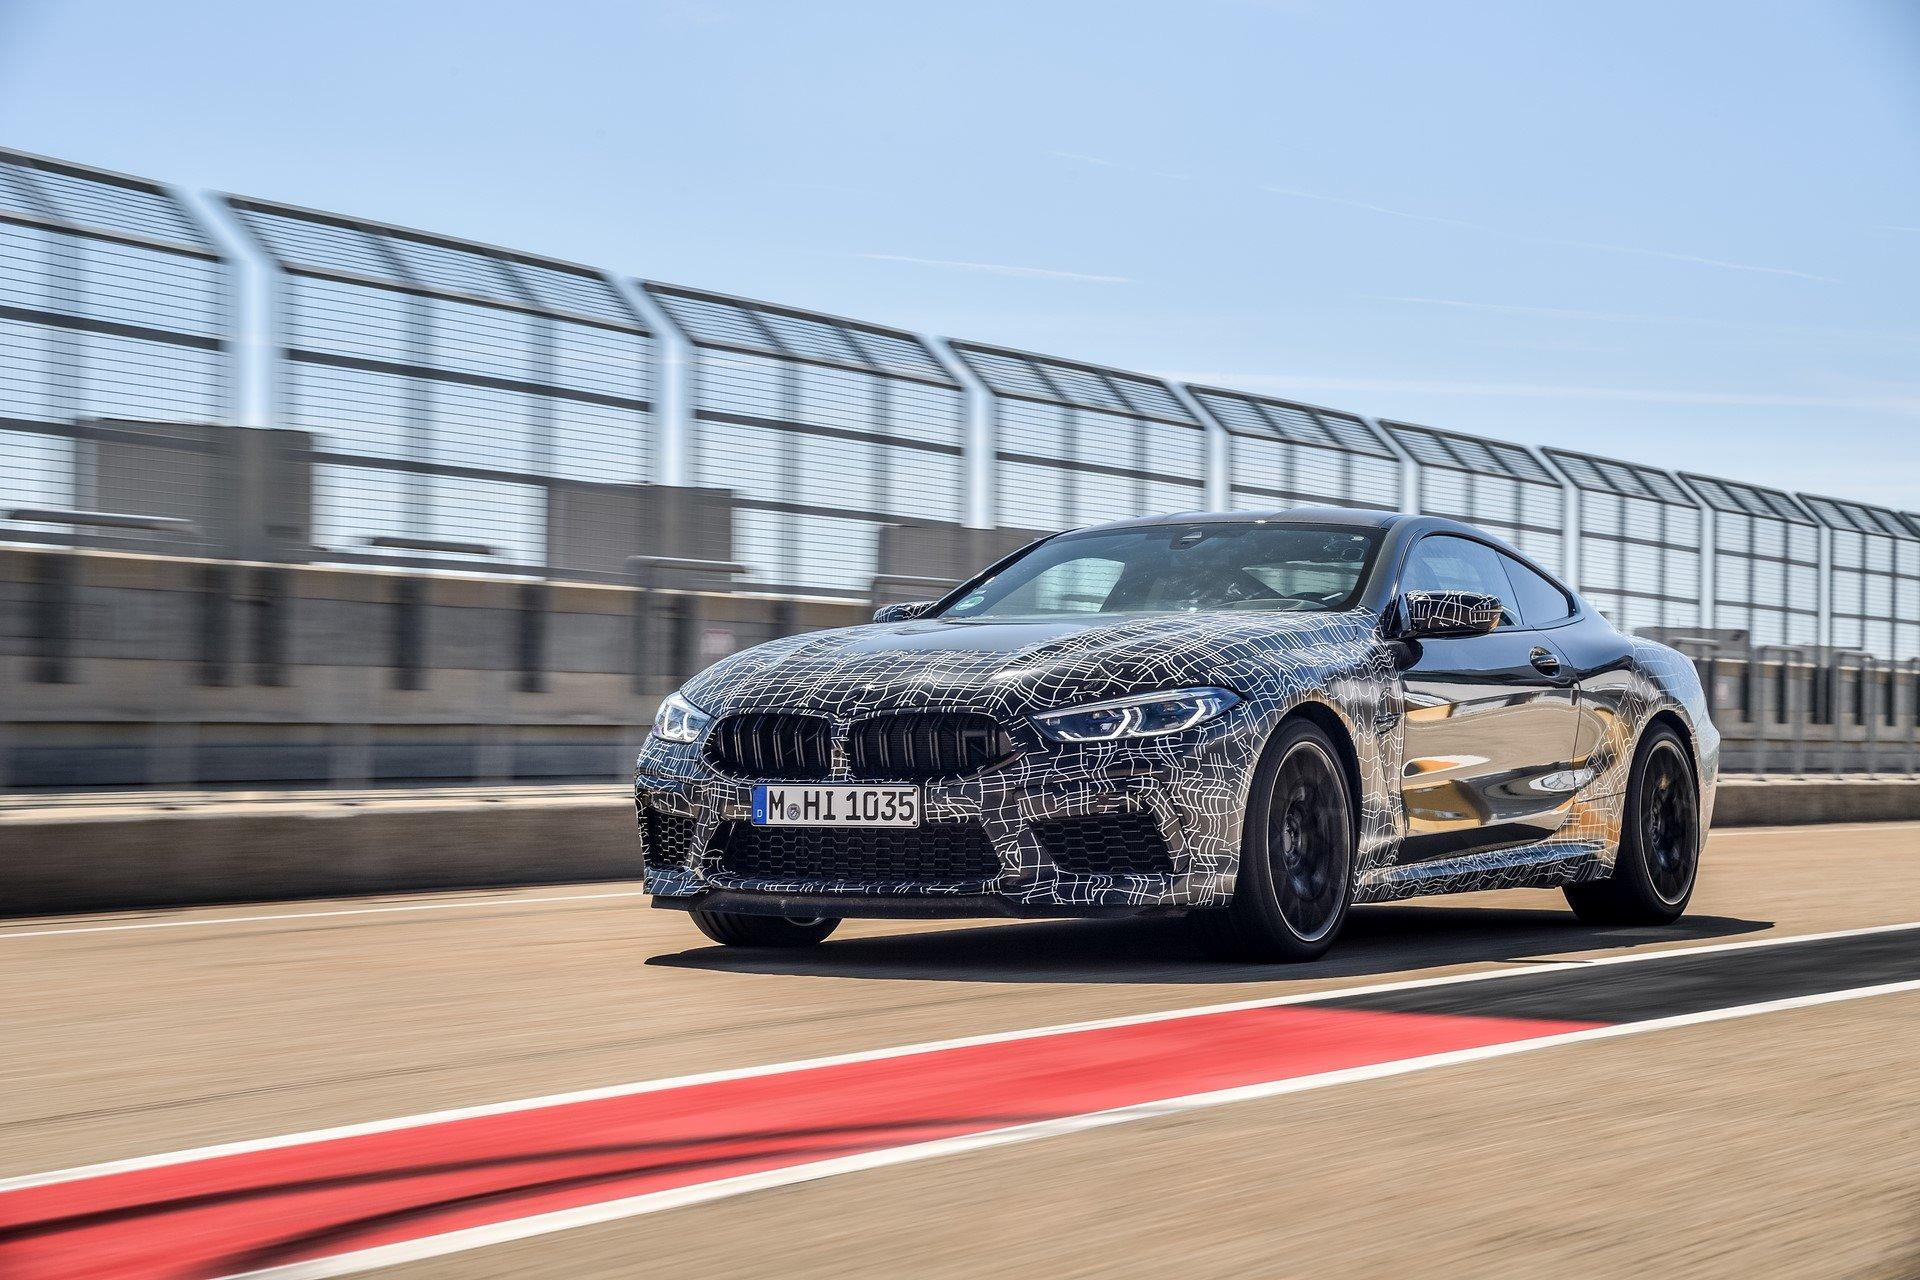 BMW-M8-spy-photos-22